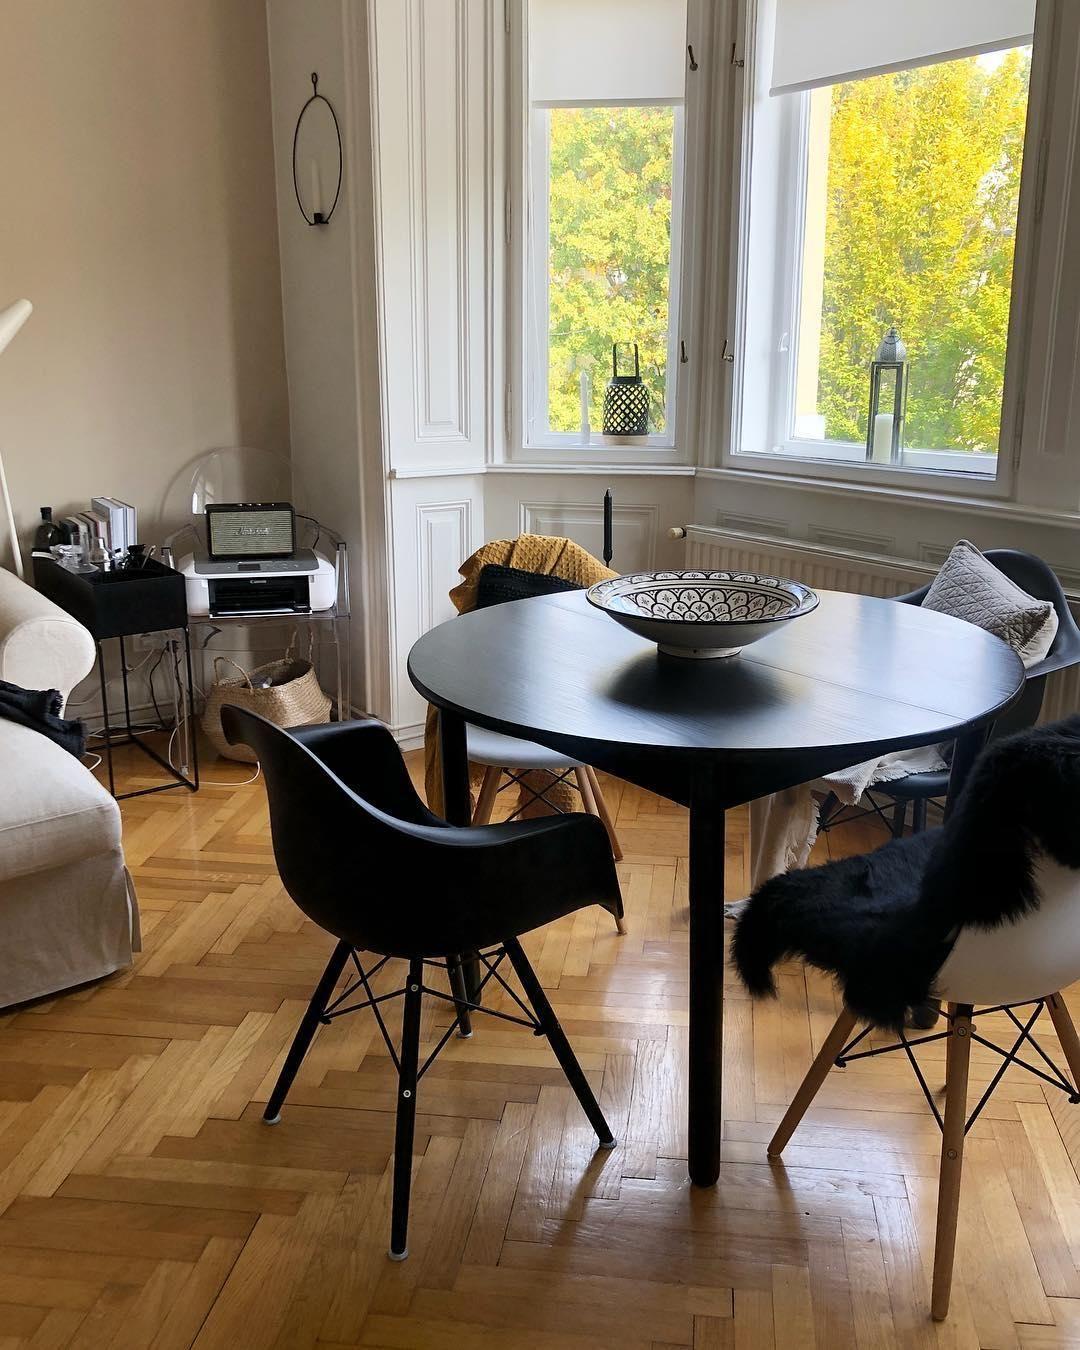 New Nordic Scandi Vibes Fur Die Kalten Tage Es Ist Eine Moderne Weiterentwicklung Des Beliebten Scandi Looks Verschieden Grosser Esstisch Esszimmer Esstisch